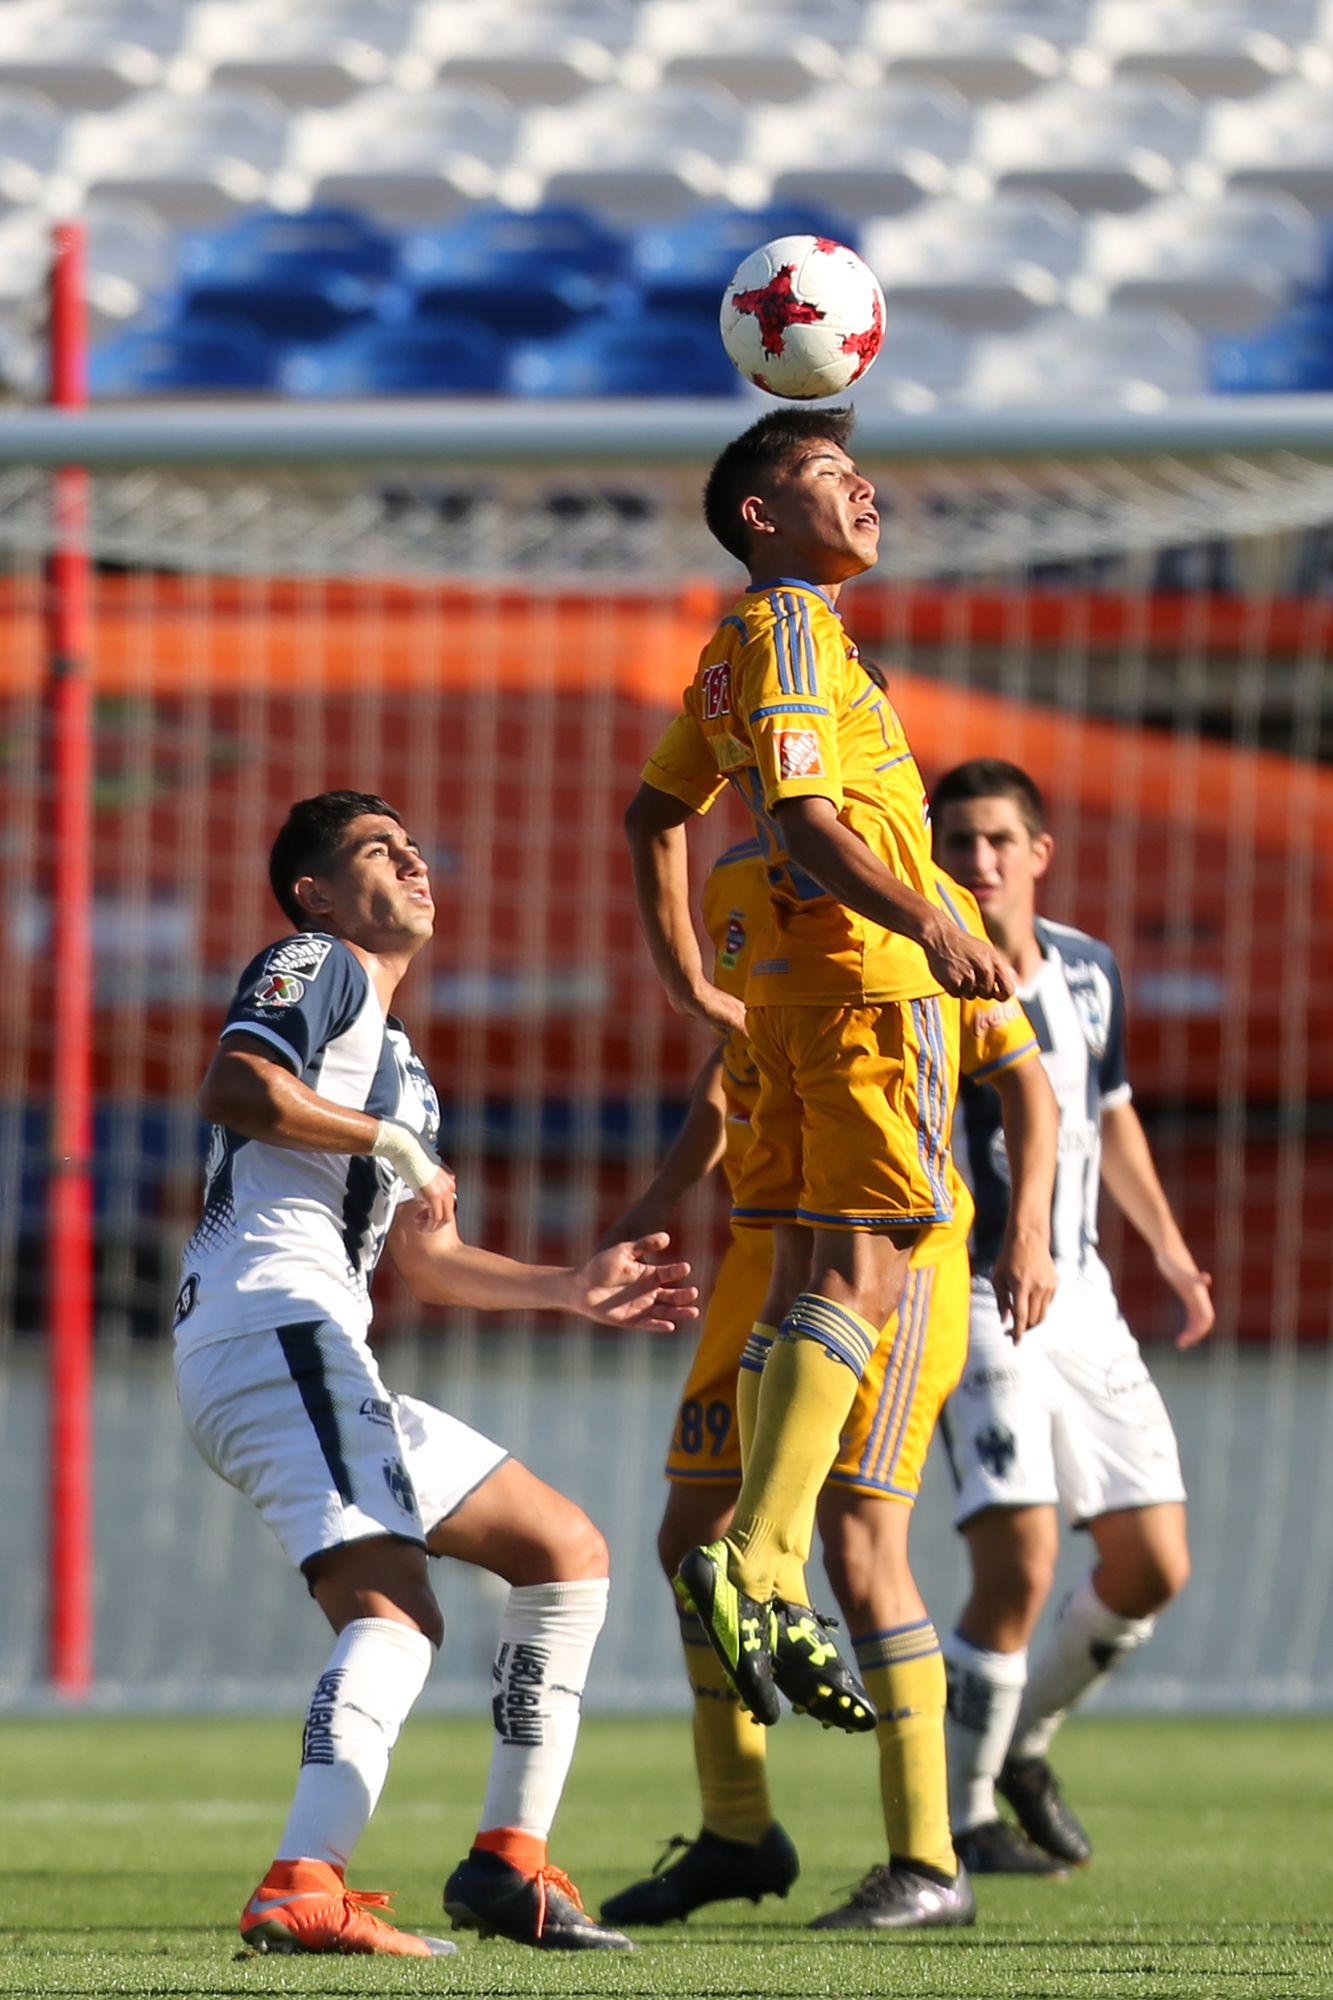 Clásico Regio en las semifinales del Super Group de la Dallas Cup. Foto de Omar Vega para Al Día